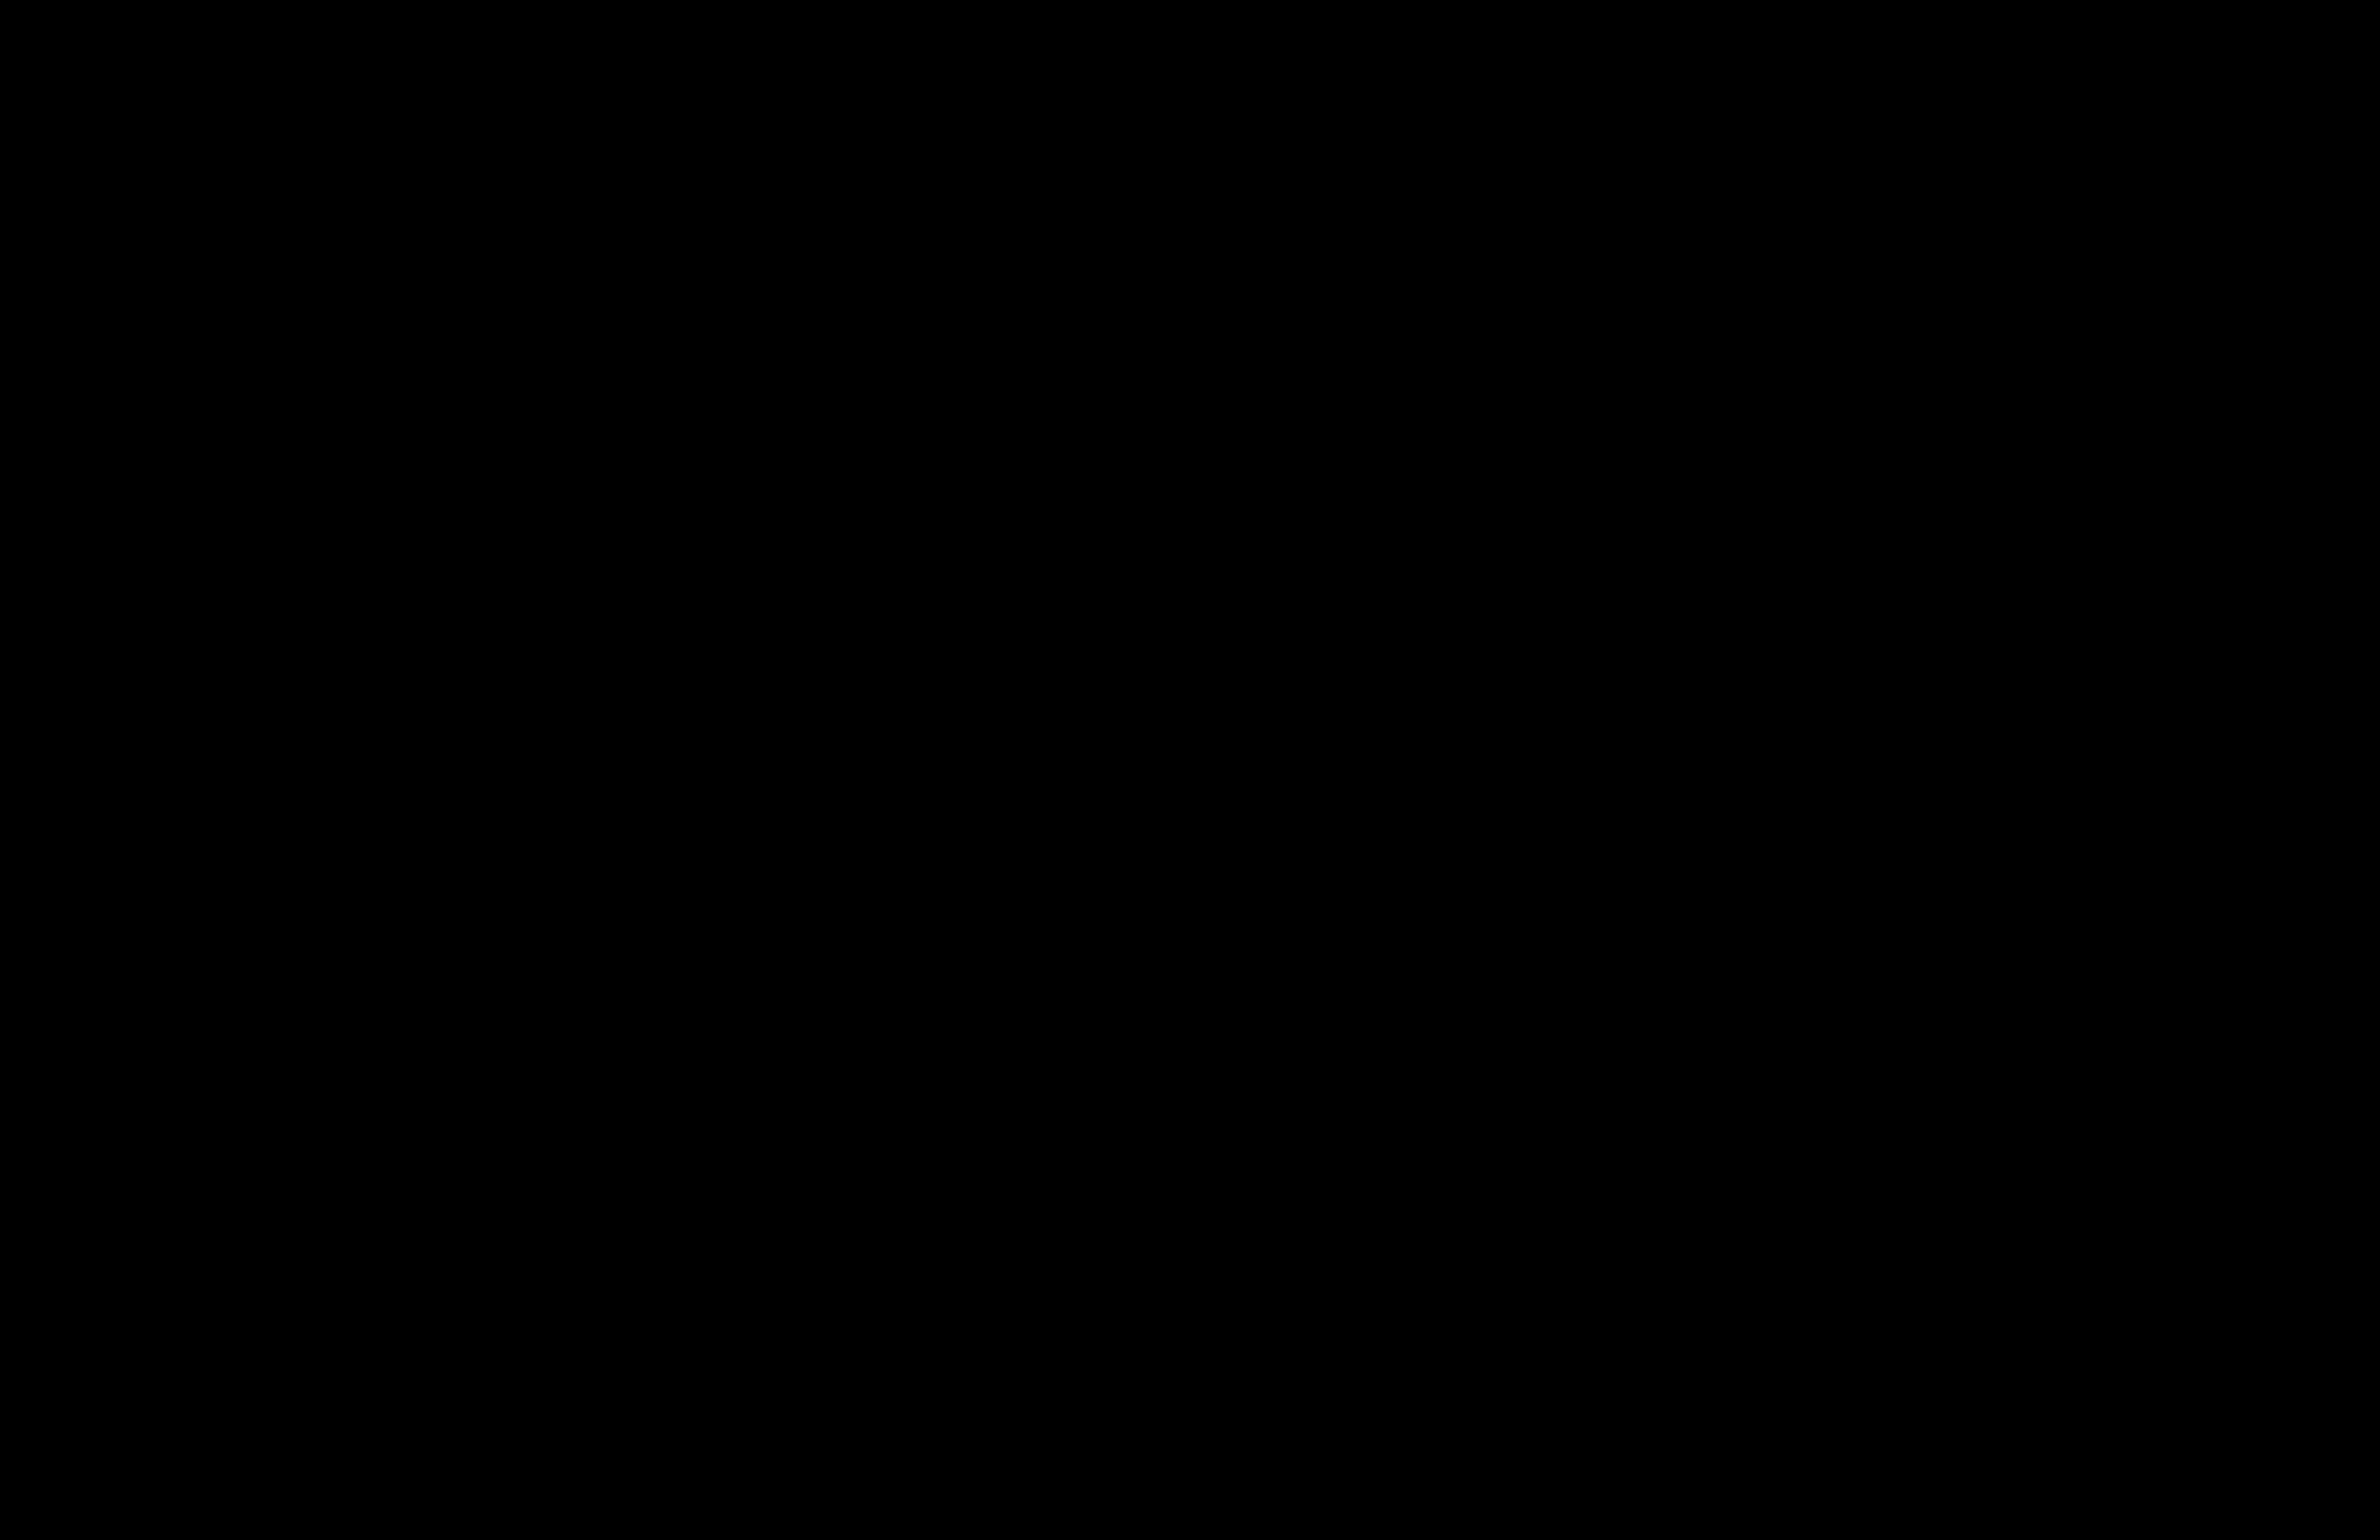 Carte des zones de logement abordable